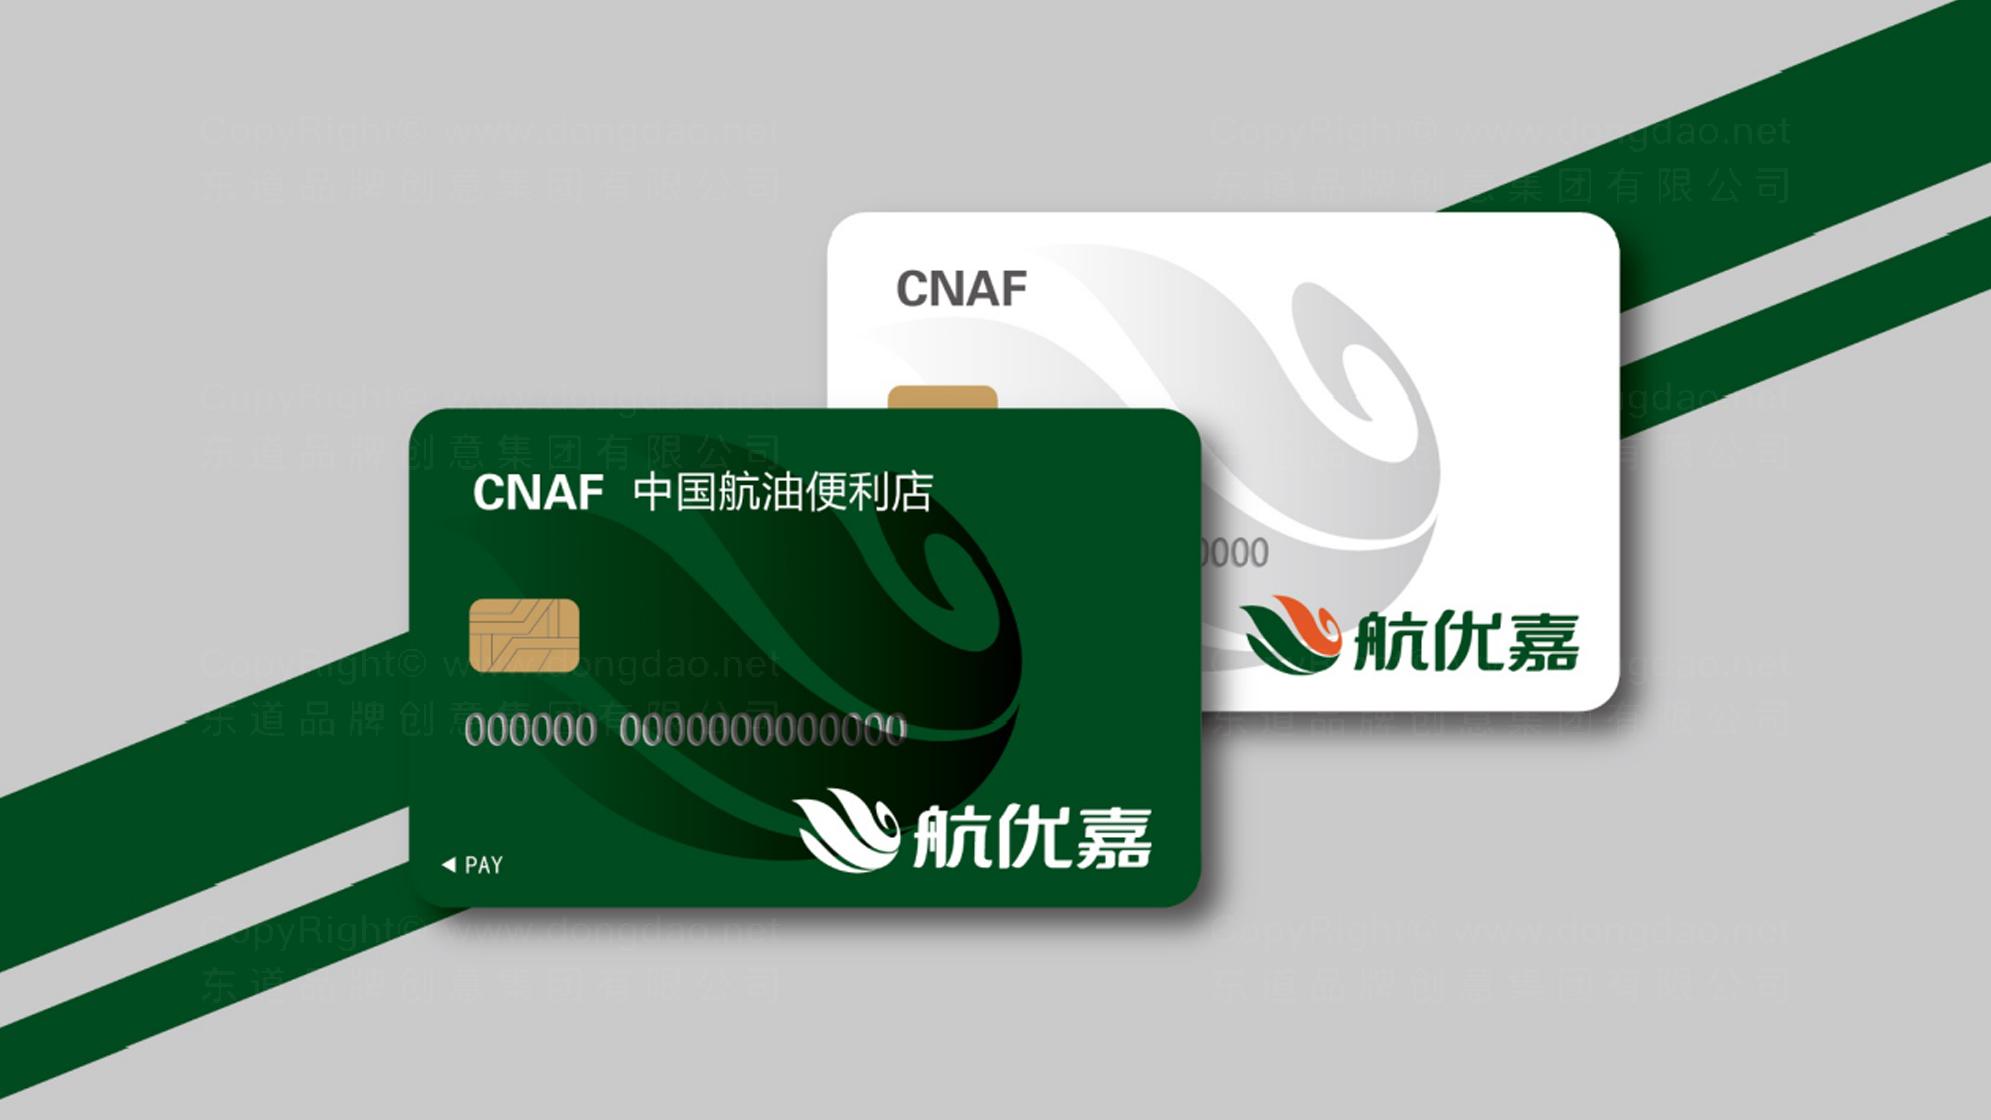 中国航油石油公司logo设计、vi设计应用场景_1